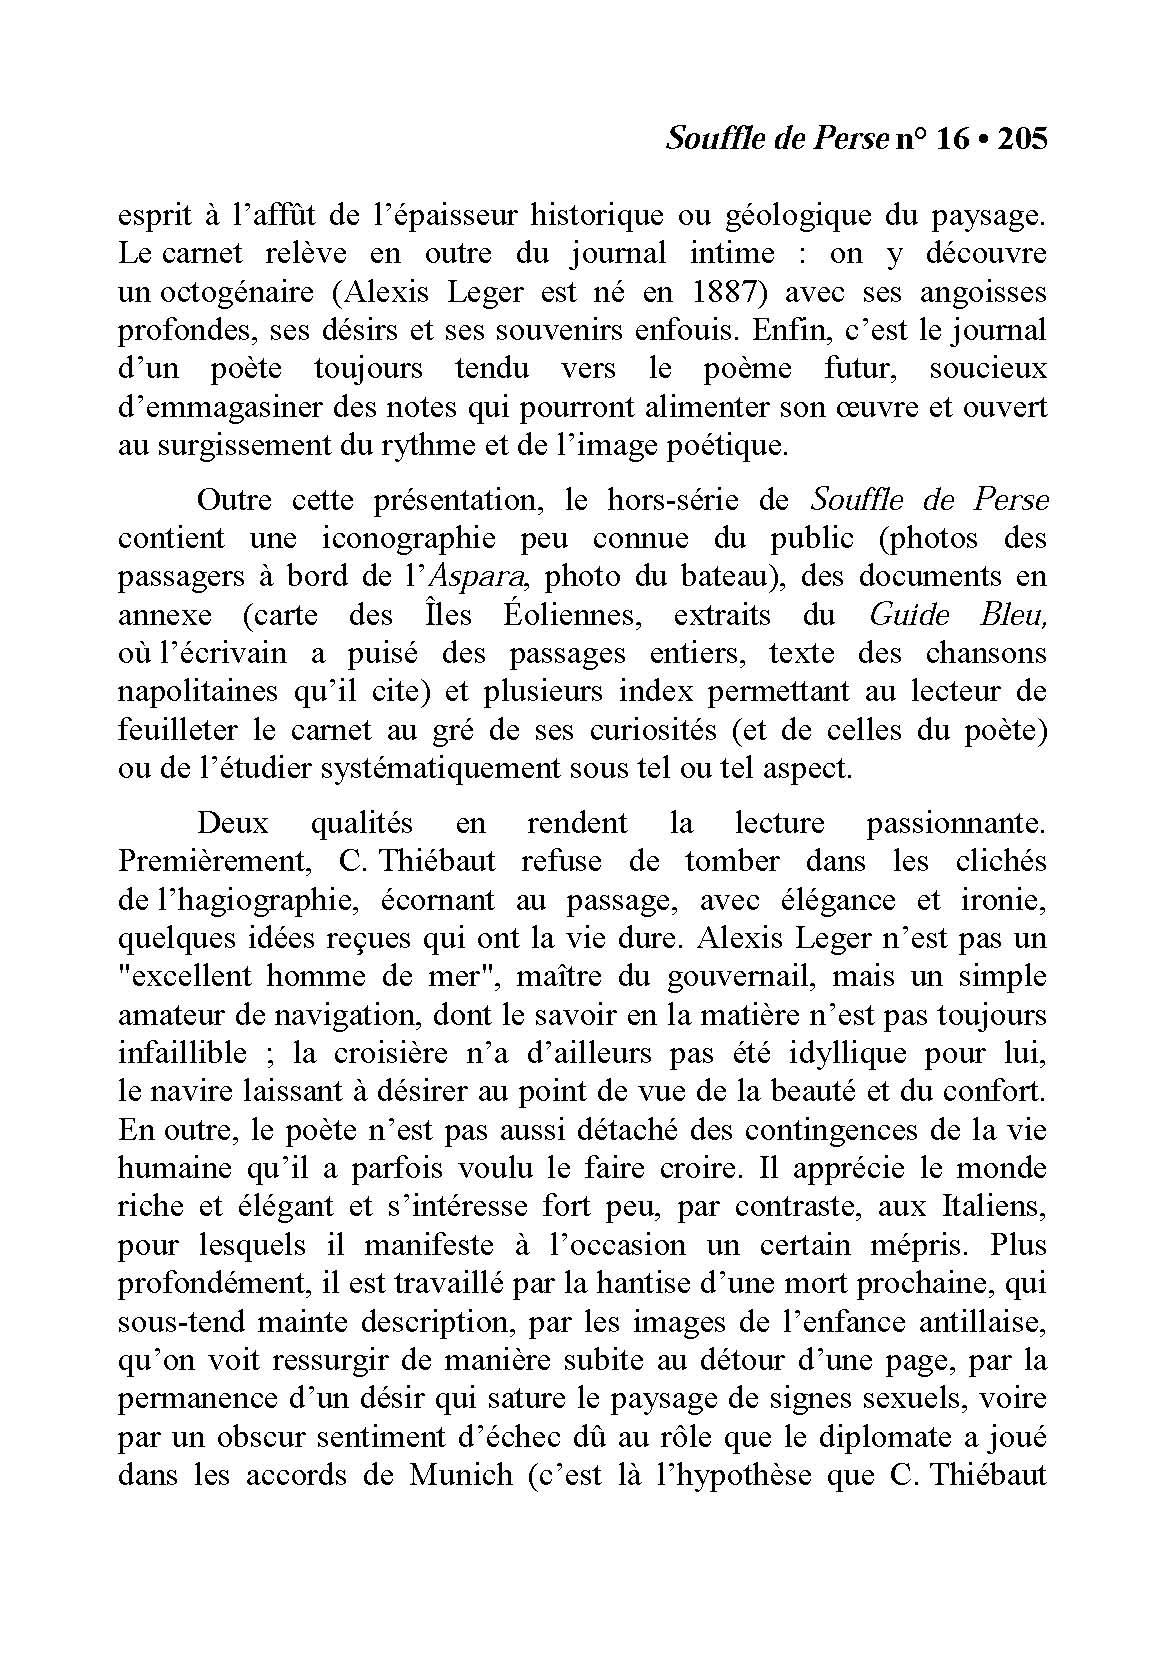 pages-de-souffle-n-16-p-203-a-206_page_3